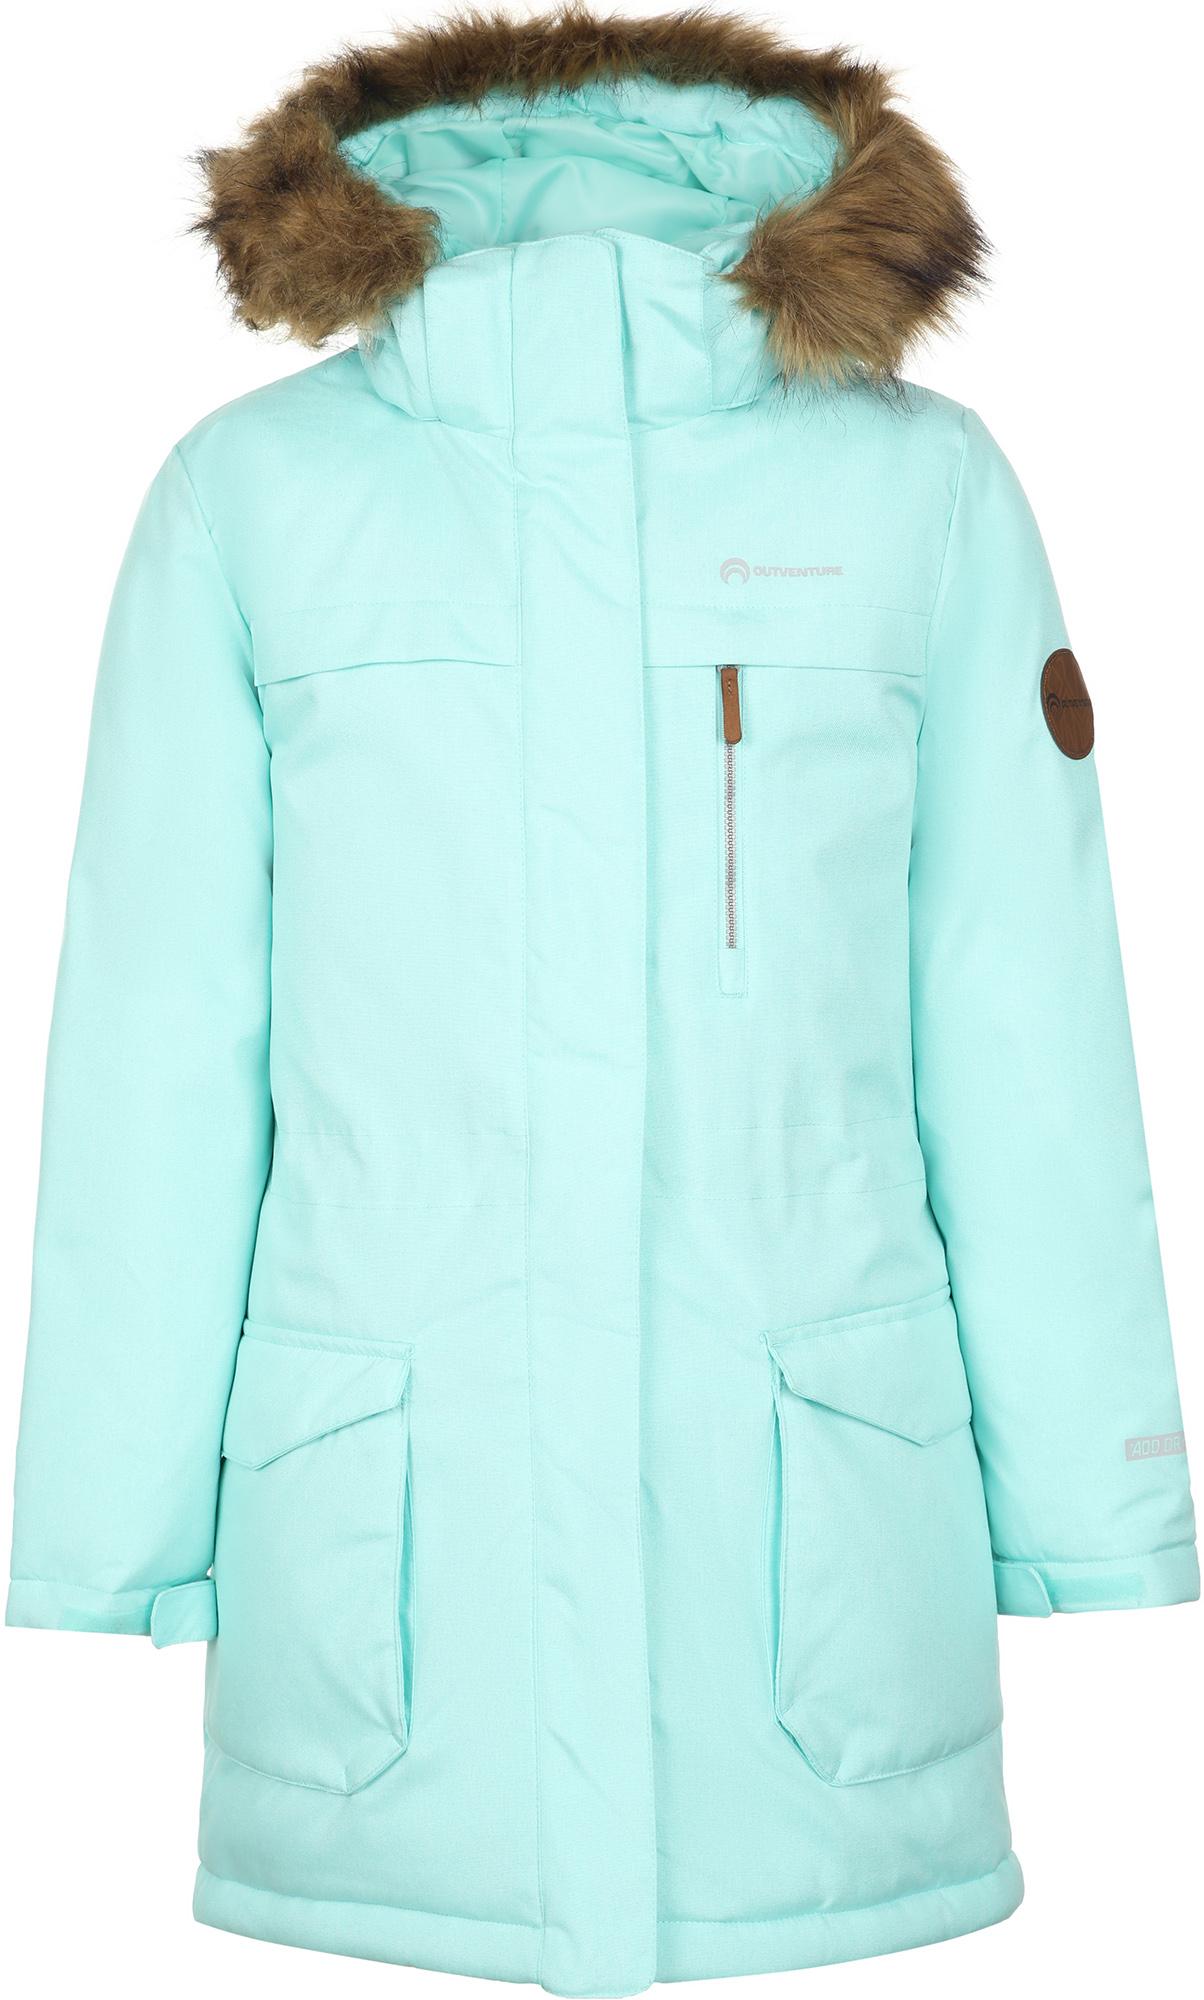 Фото - Outventure Куртка утепленная для девочек Outventure, размер 140 outventure куртка утепленная для девочек outventure размер 134